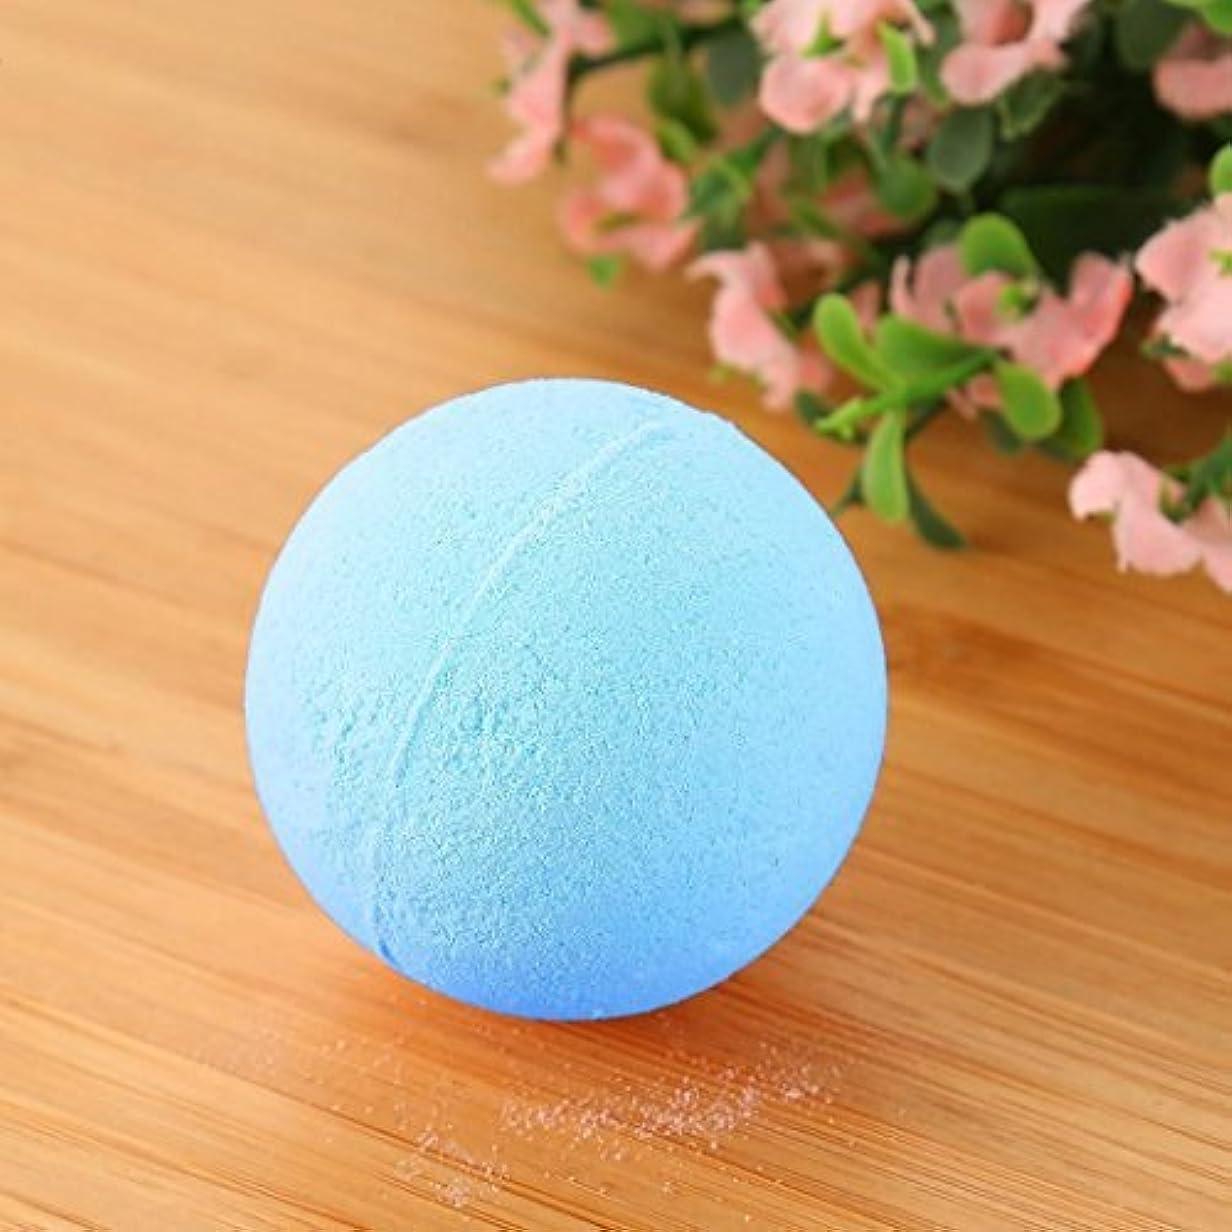 スナッチ写真を描く滅多バブル塩風呂の贈り物のためにボールをリラックスした女性の塩